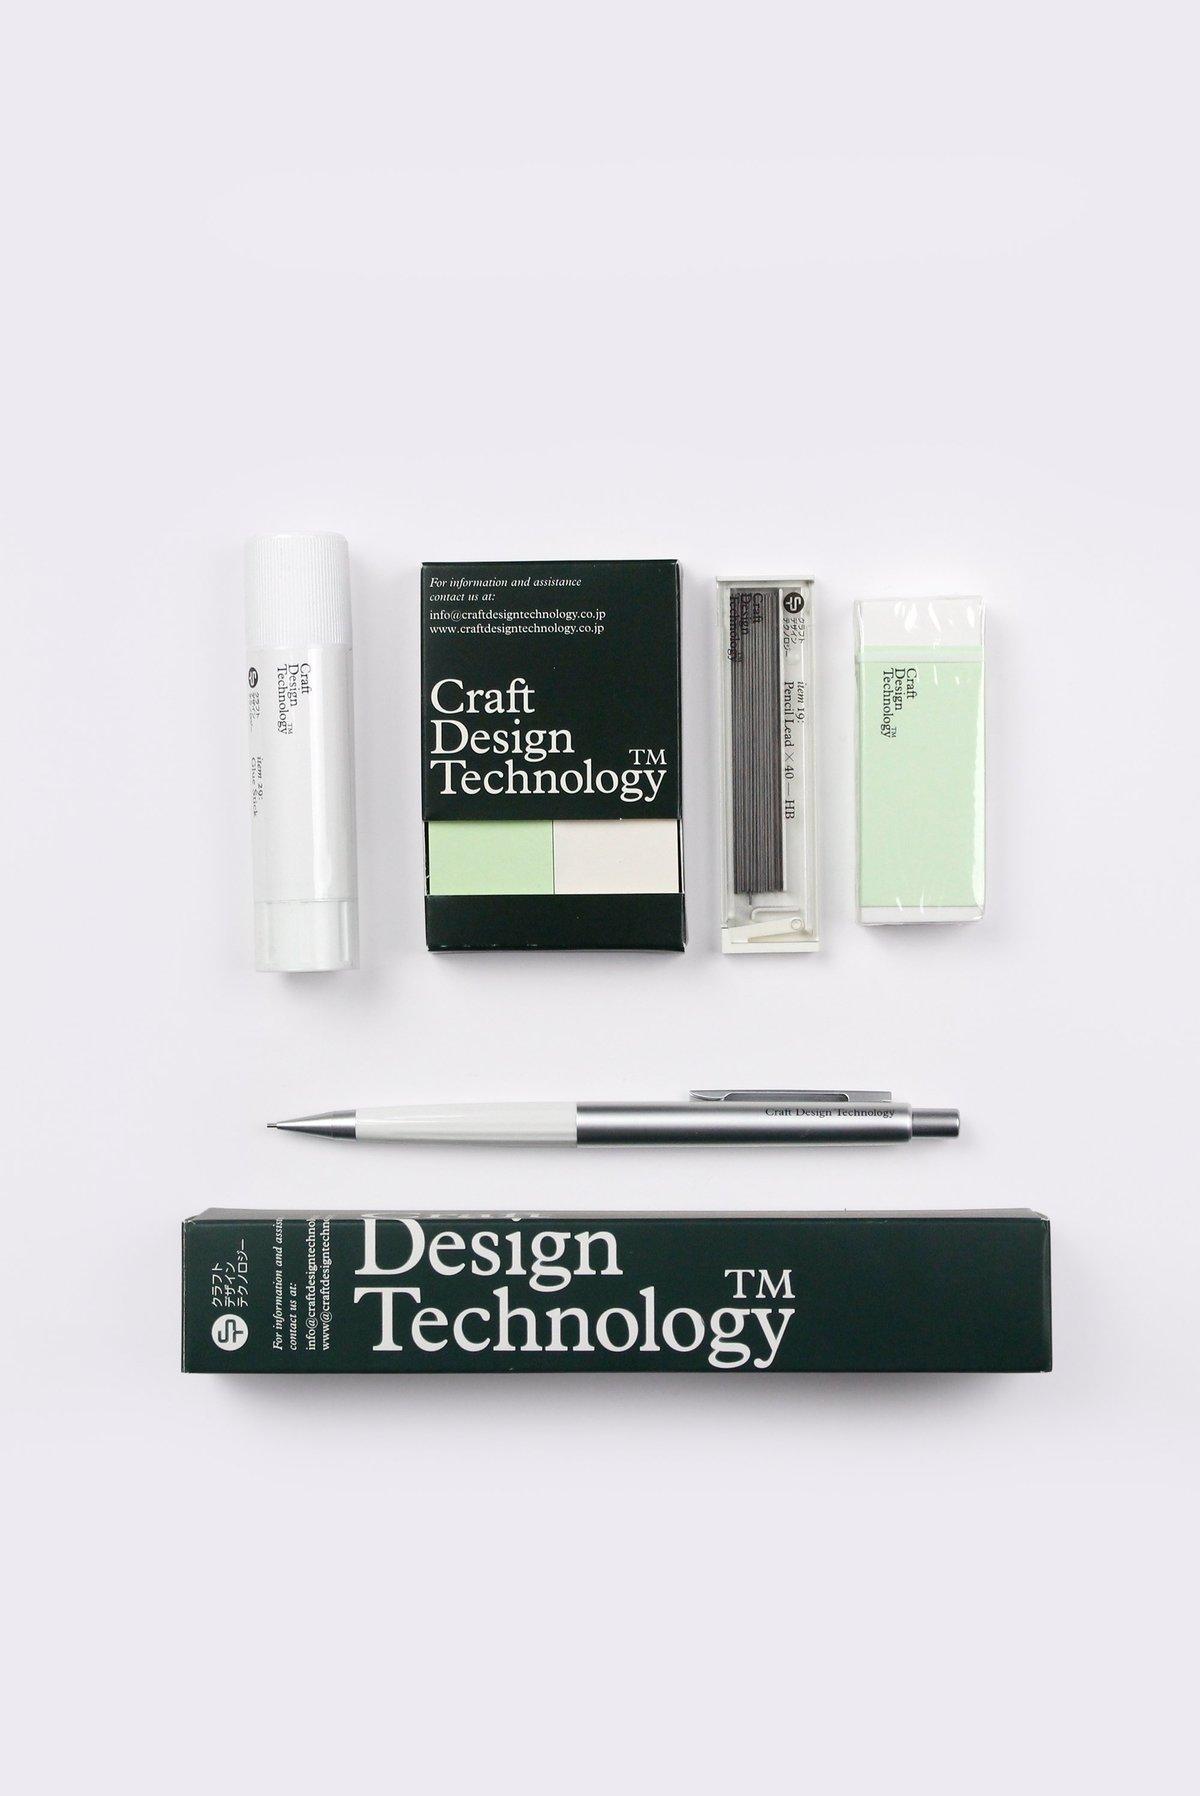 Craft Design Technology Gift Set Garmentory